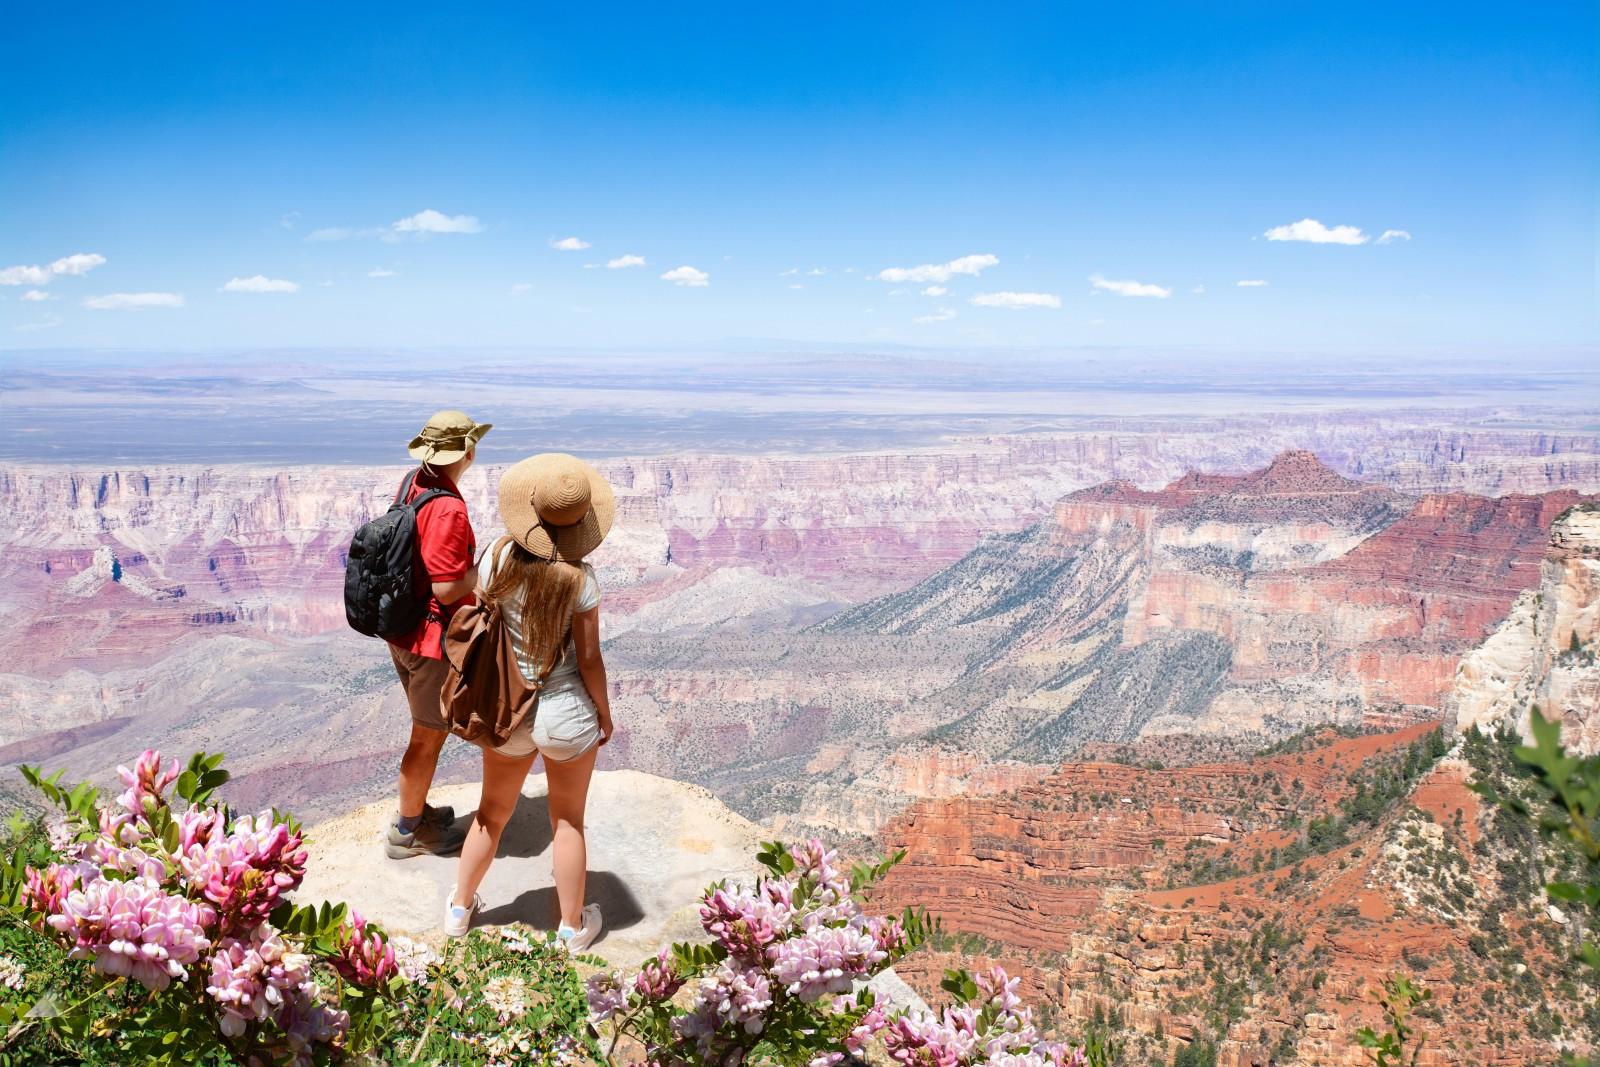 Aufgrund der Corona-Pandemie mussten die USA in den ersten zehn Monaten 2020 auf 147,2 Milliarden US-Dollar an Tourismuseinnahmen verzichten.